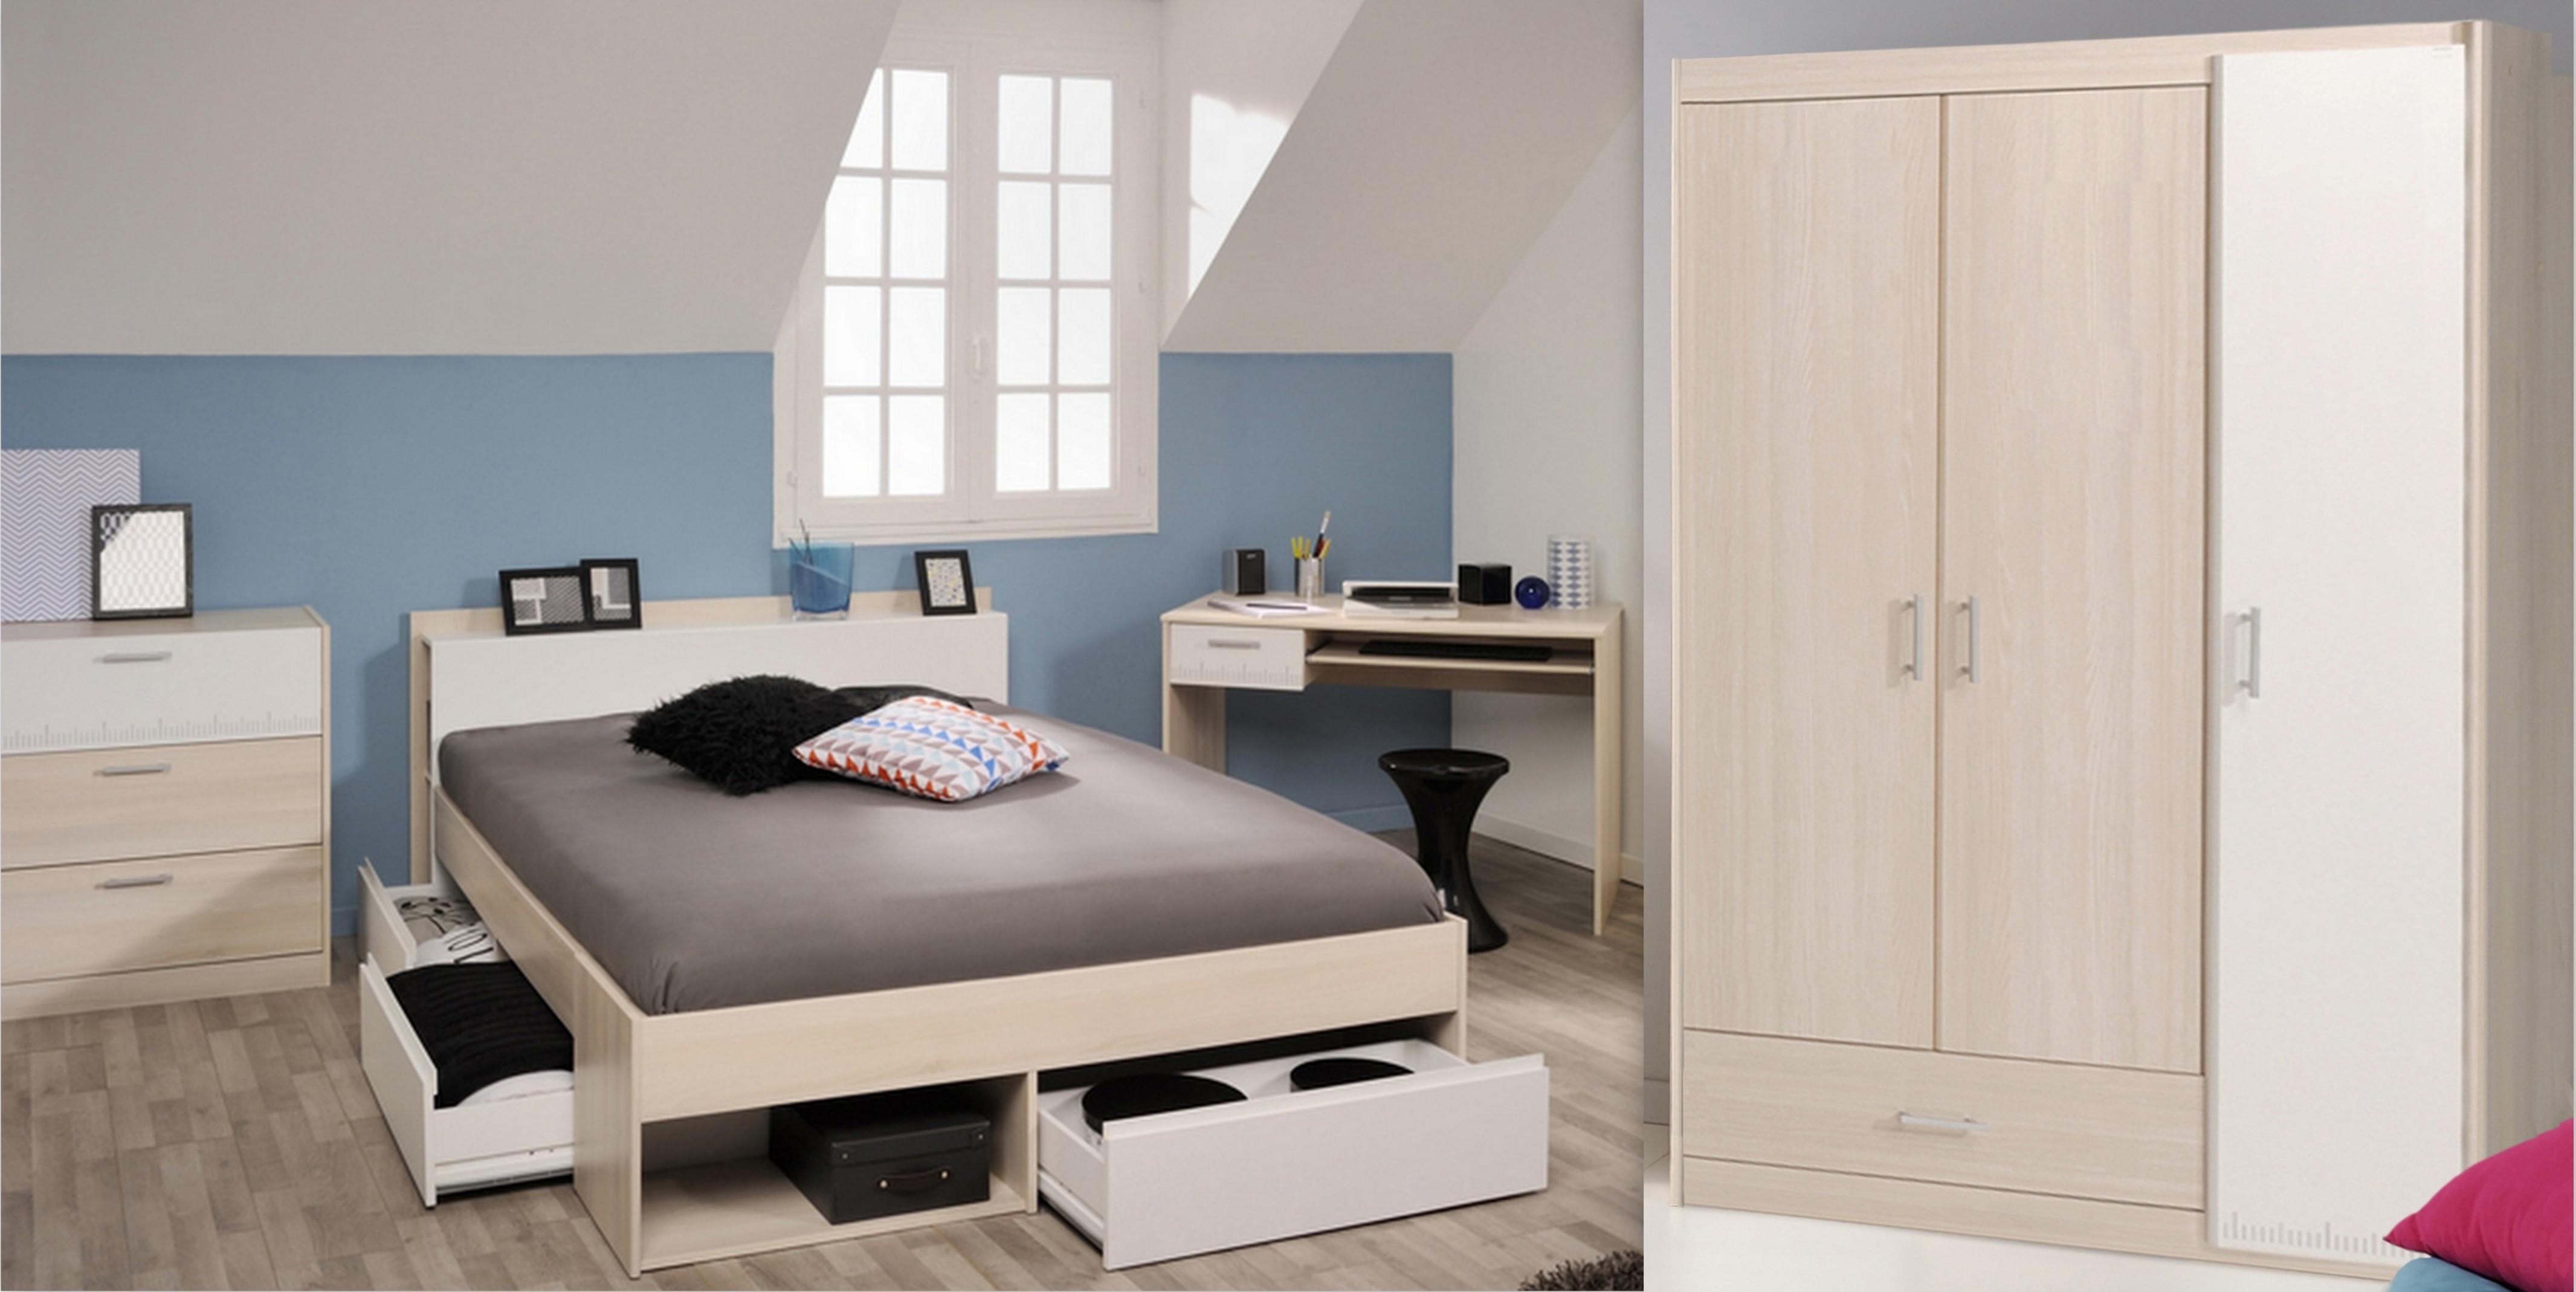 Parisot Etagenbett Erfahrung : Schlafzimmer set tlg inkl etagenbett u kleiderschrank